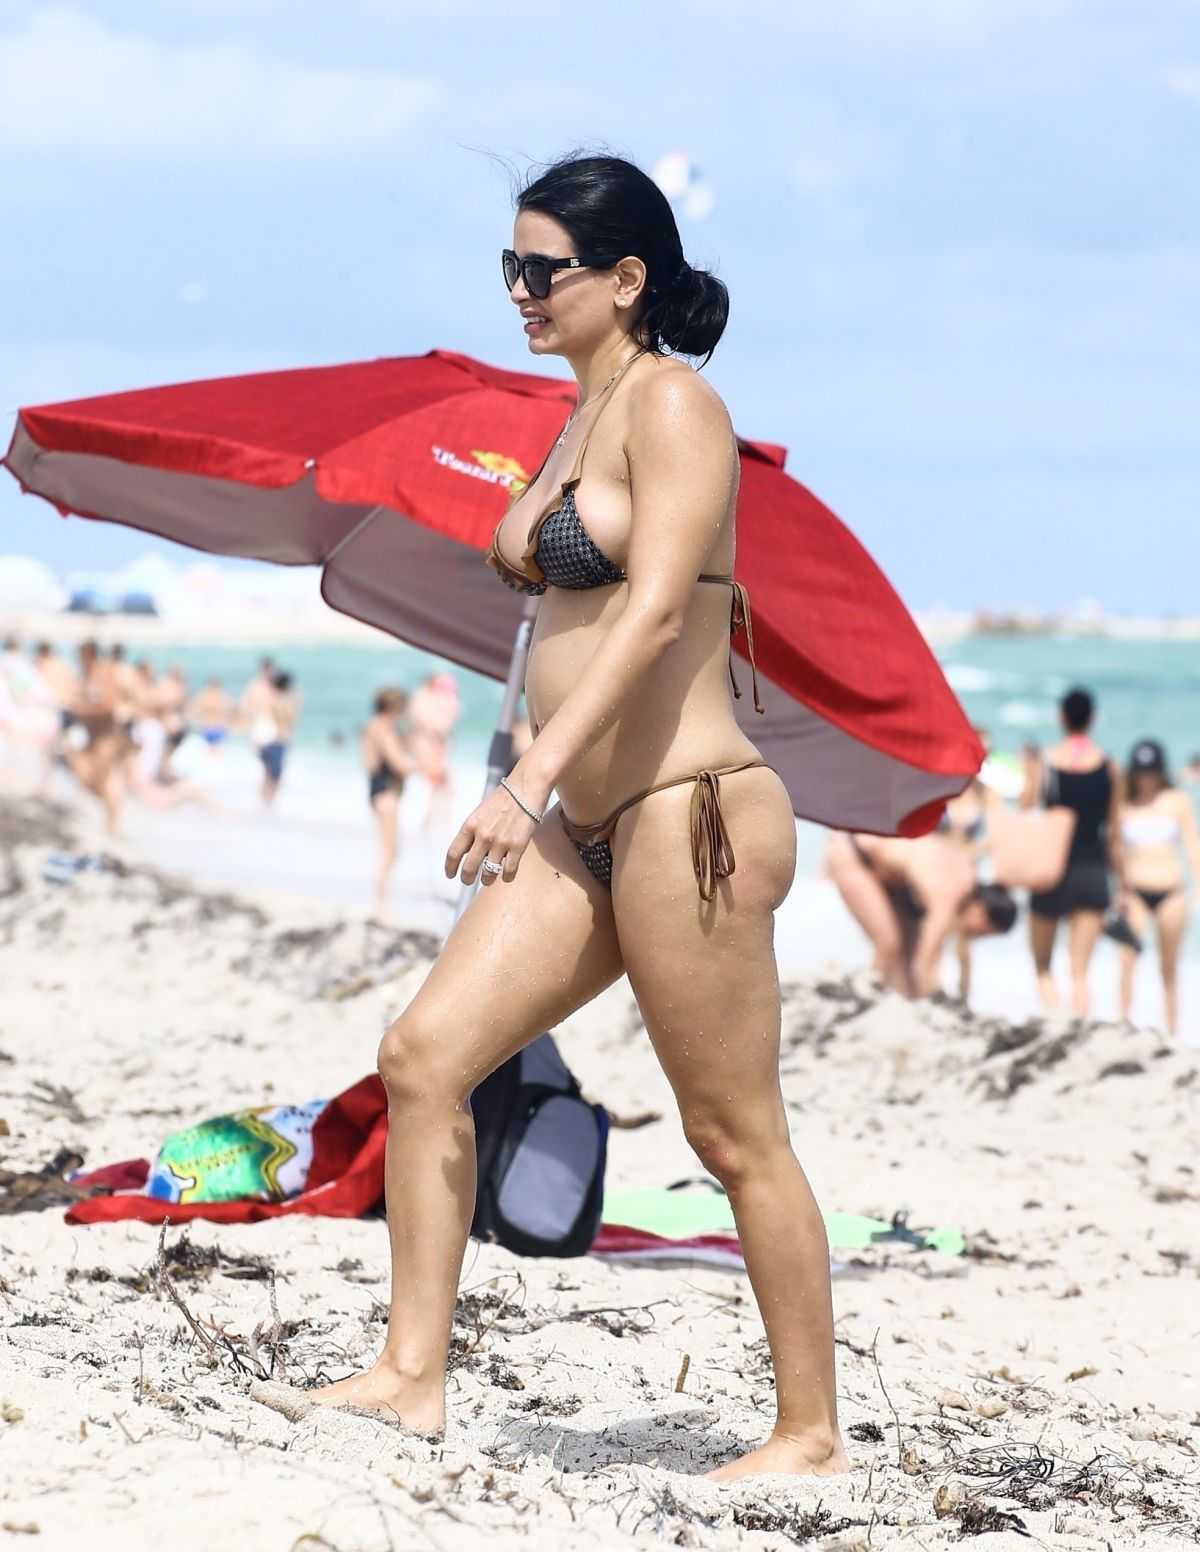 Kathy Picos in Bikini on the beach in Miami Pic 19 of 35